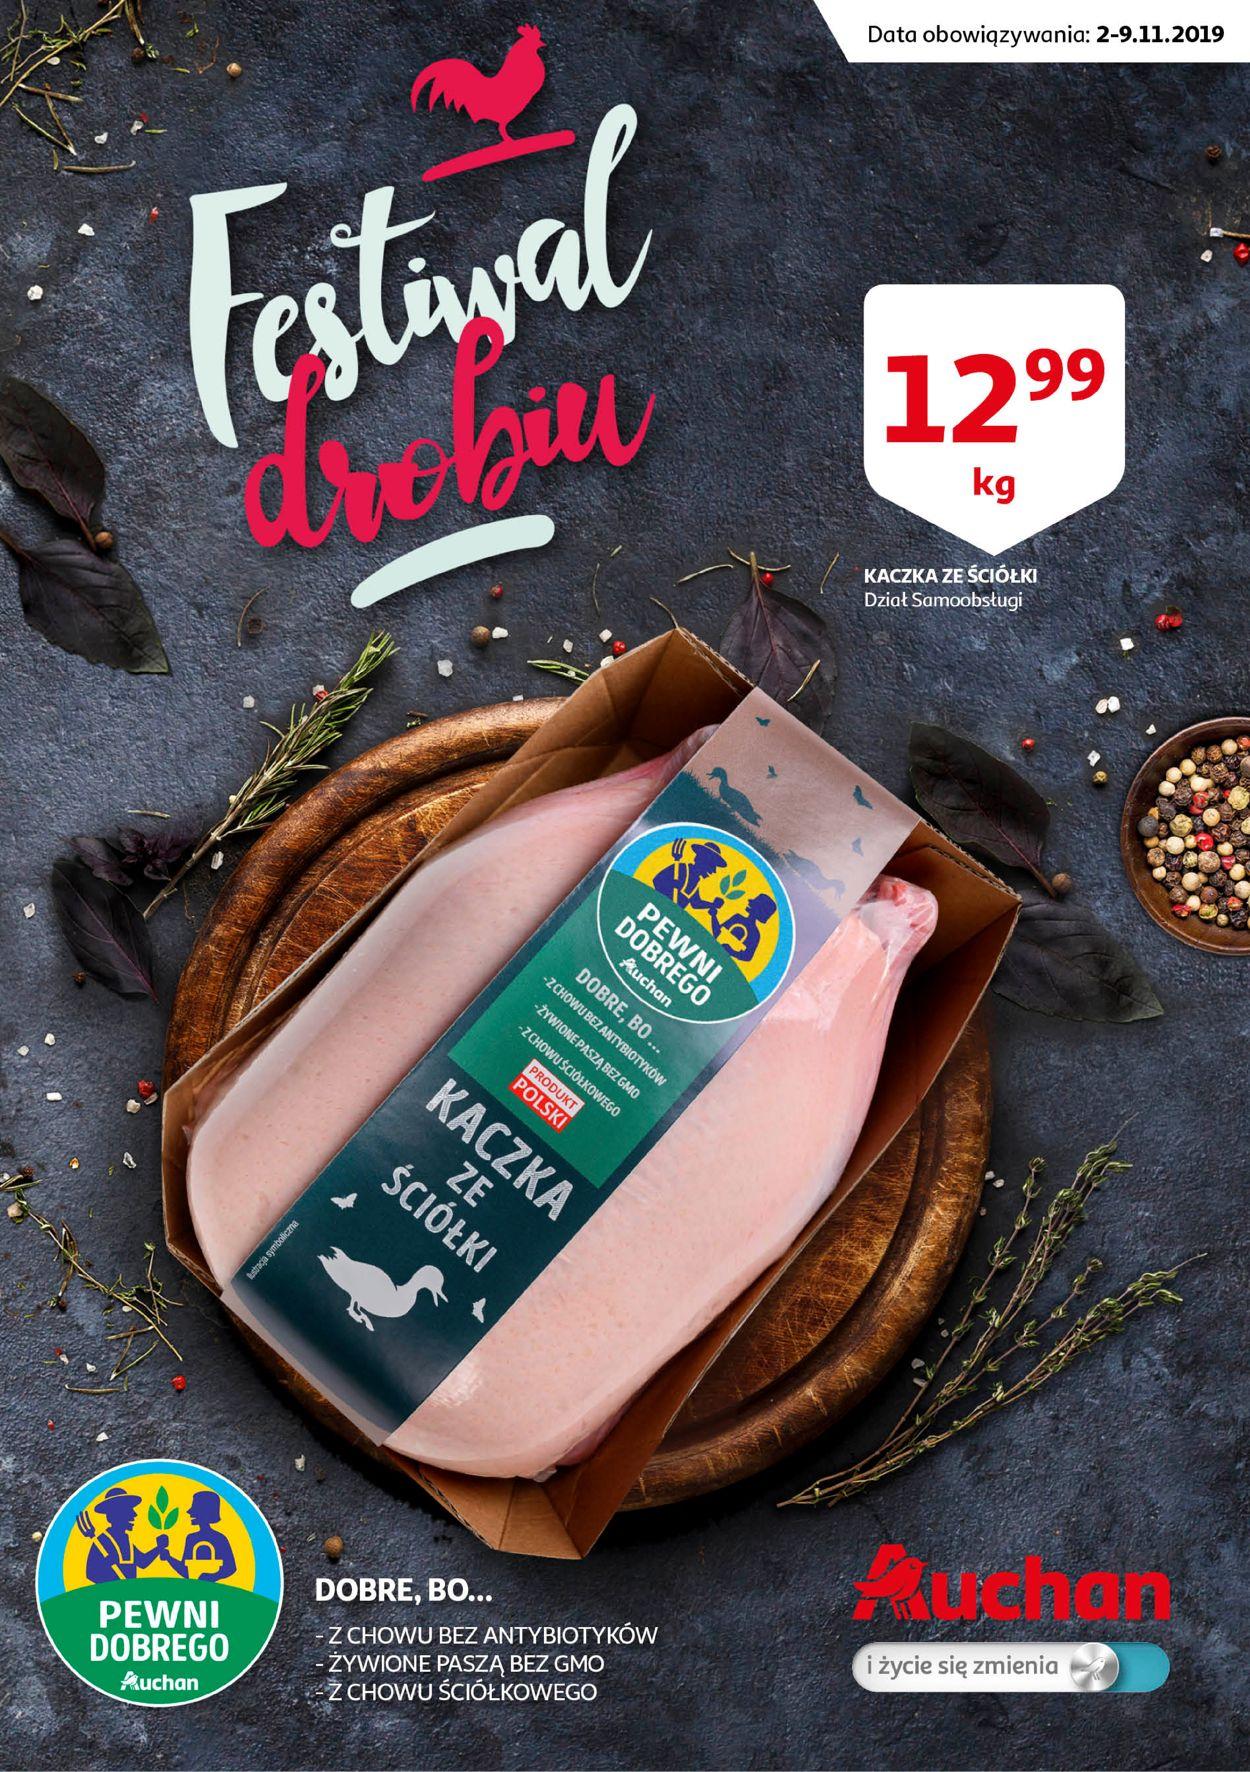 Gazetka promocyjna Auchan - 02.11-09.11.2019